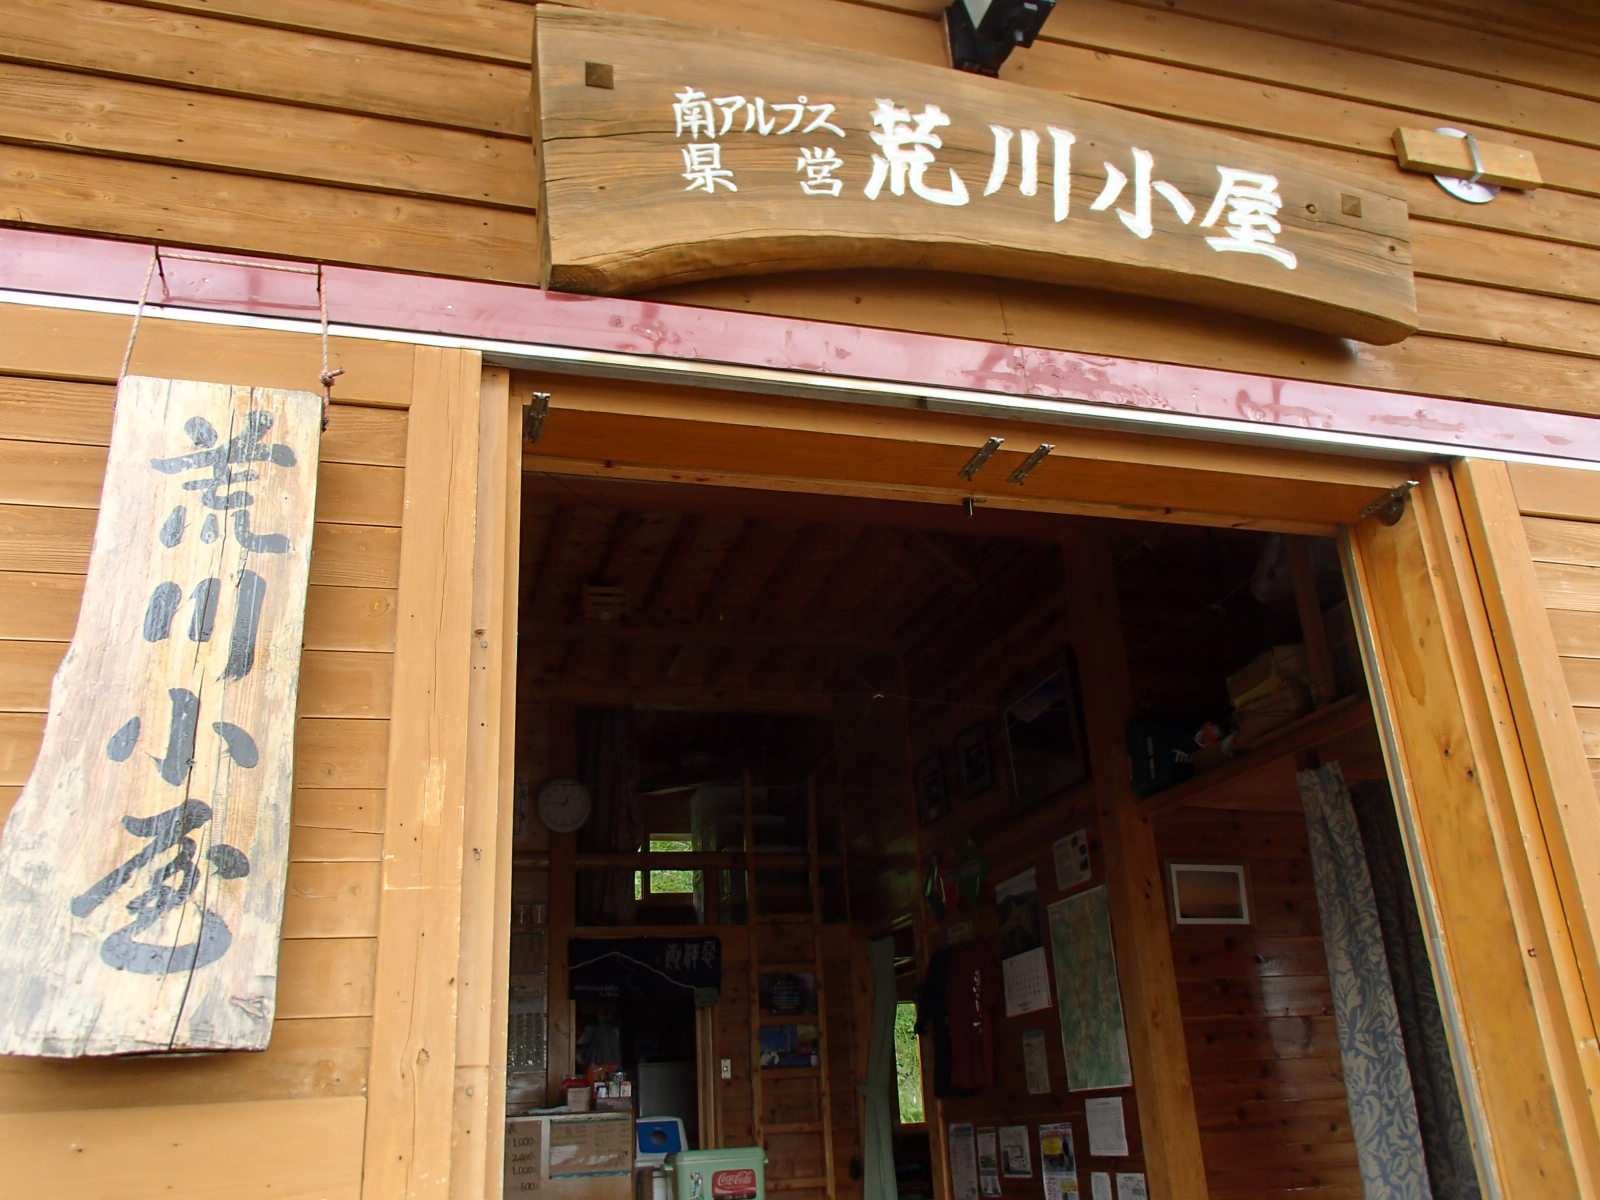 荒川小屋 入口.JPG